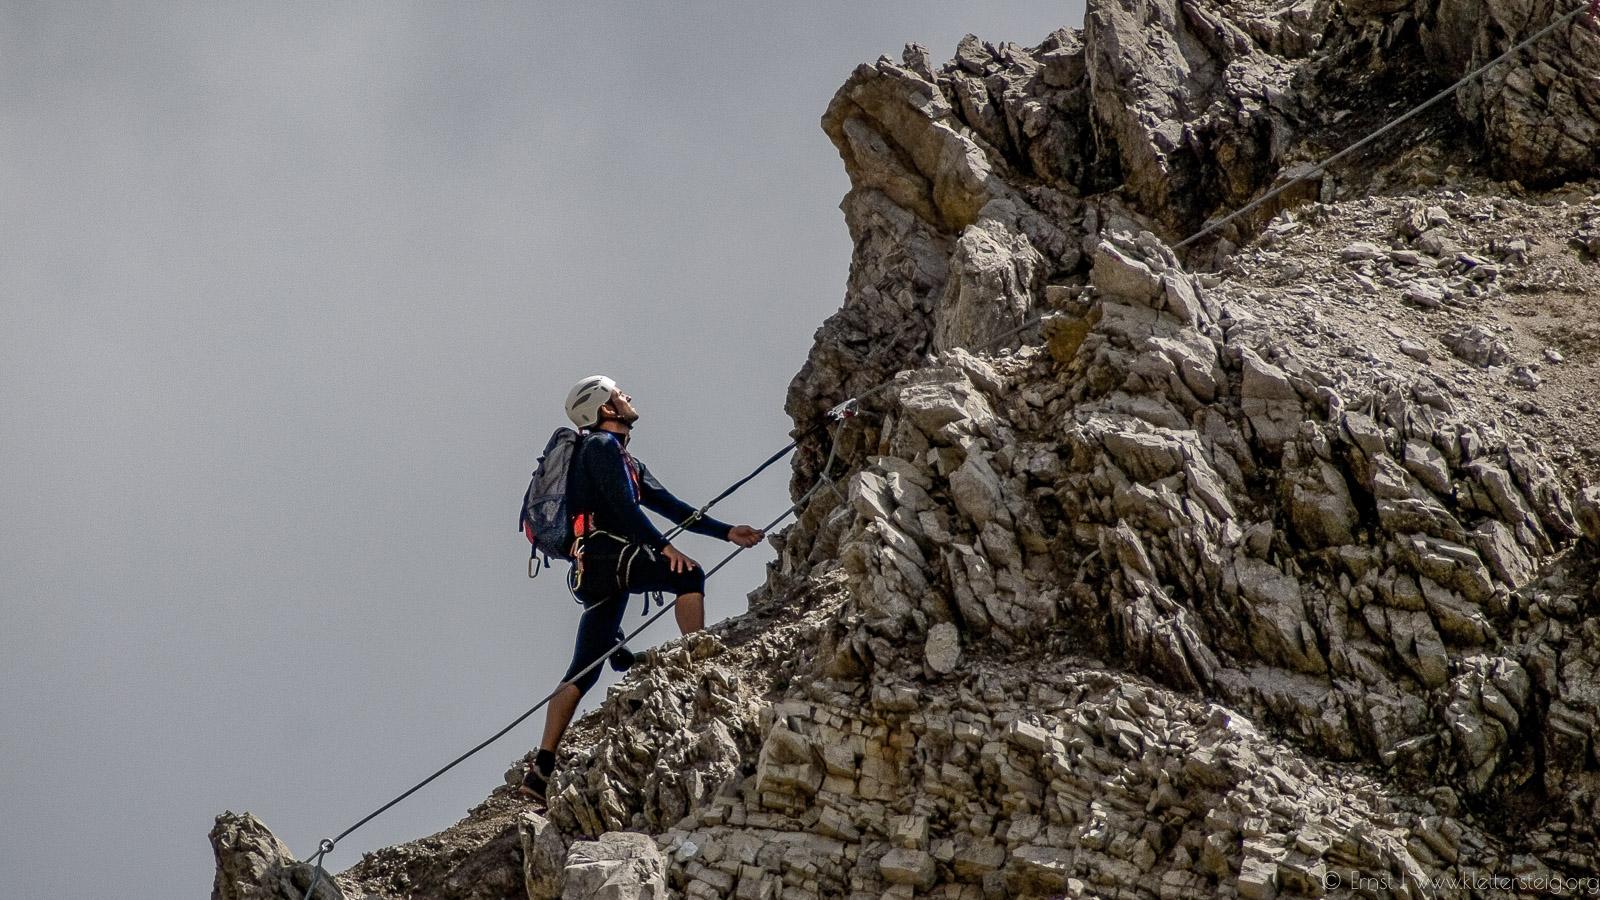 Klettersteig Wankspitze : Wank klettersteig klettersteige